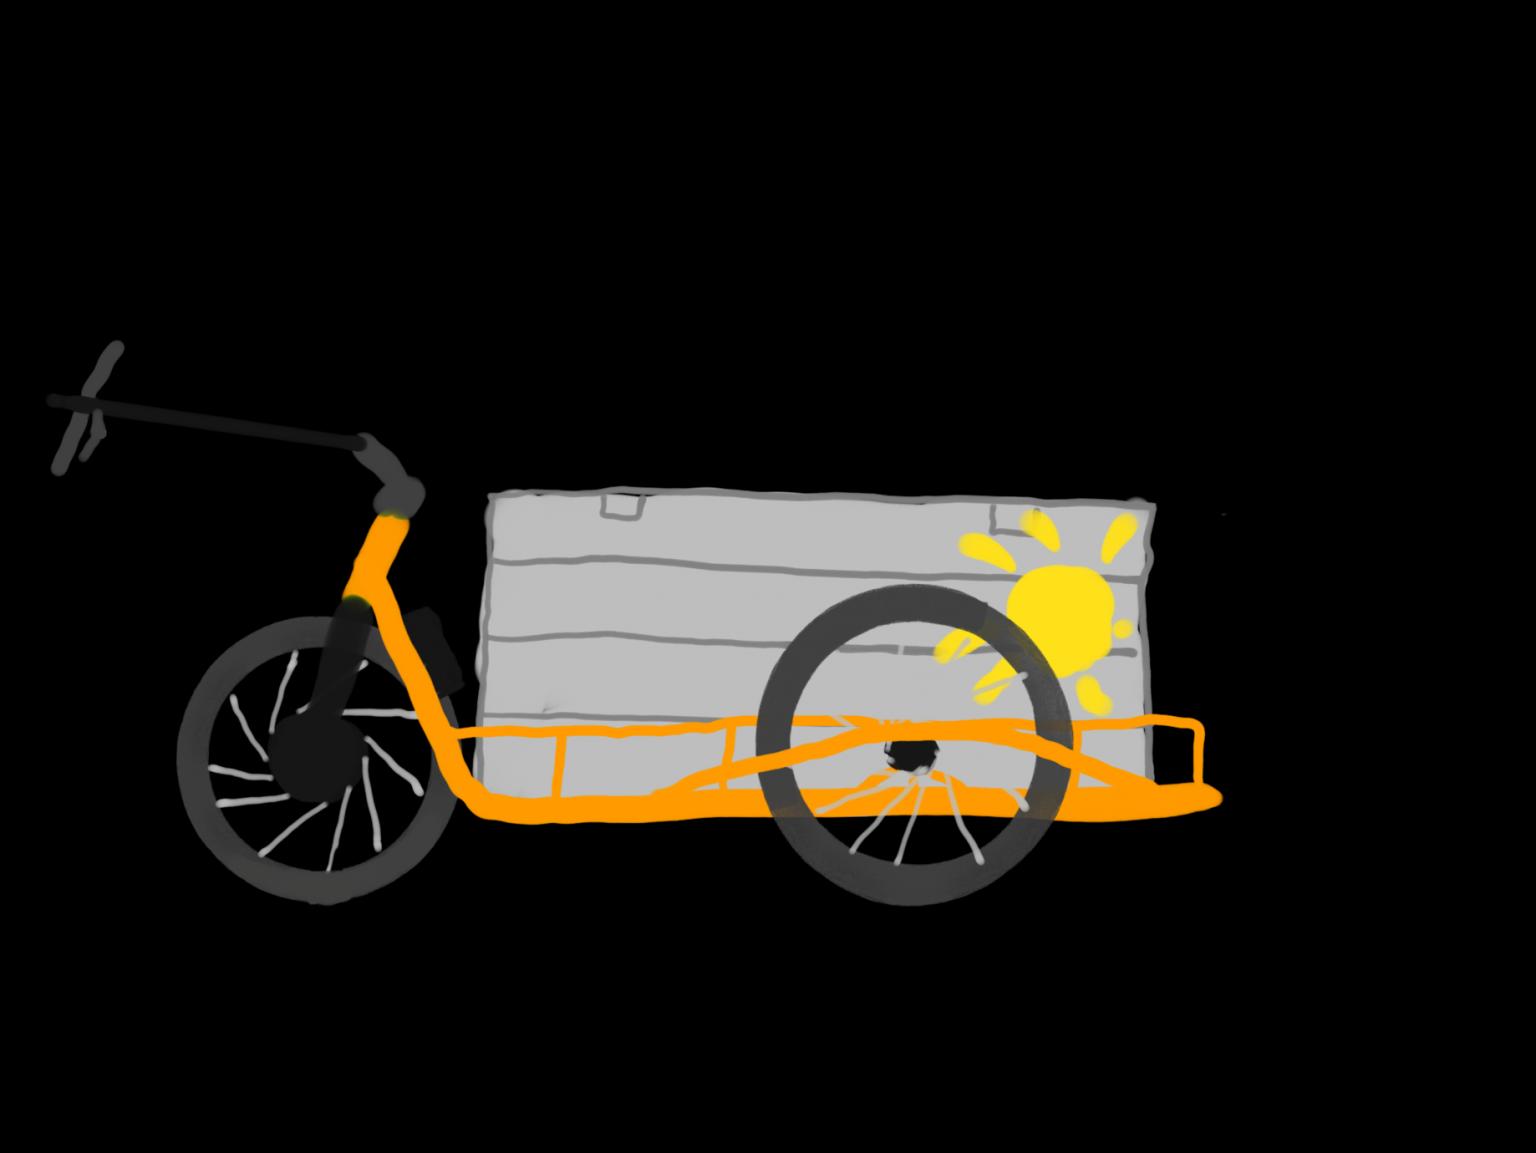 Logo CargoMalsch mit Kontur, Melonengelb